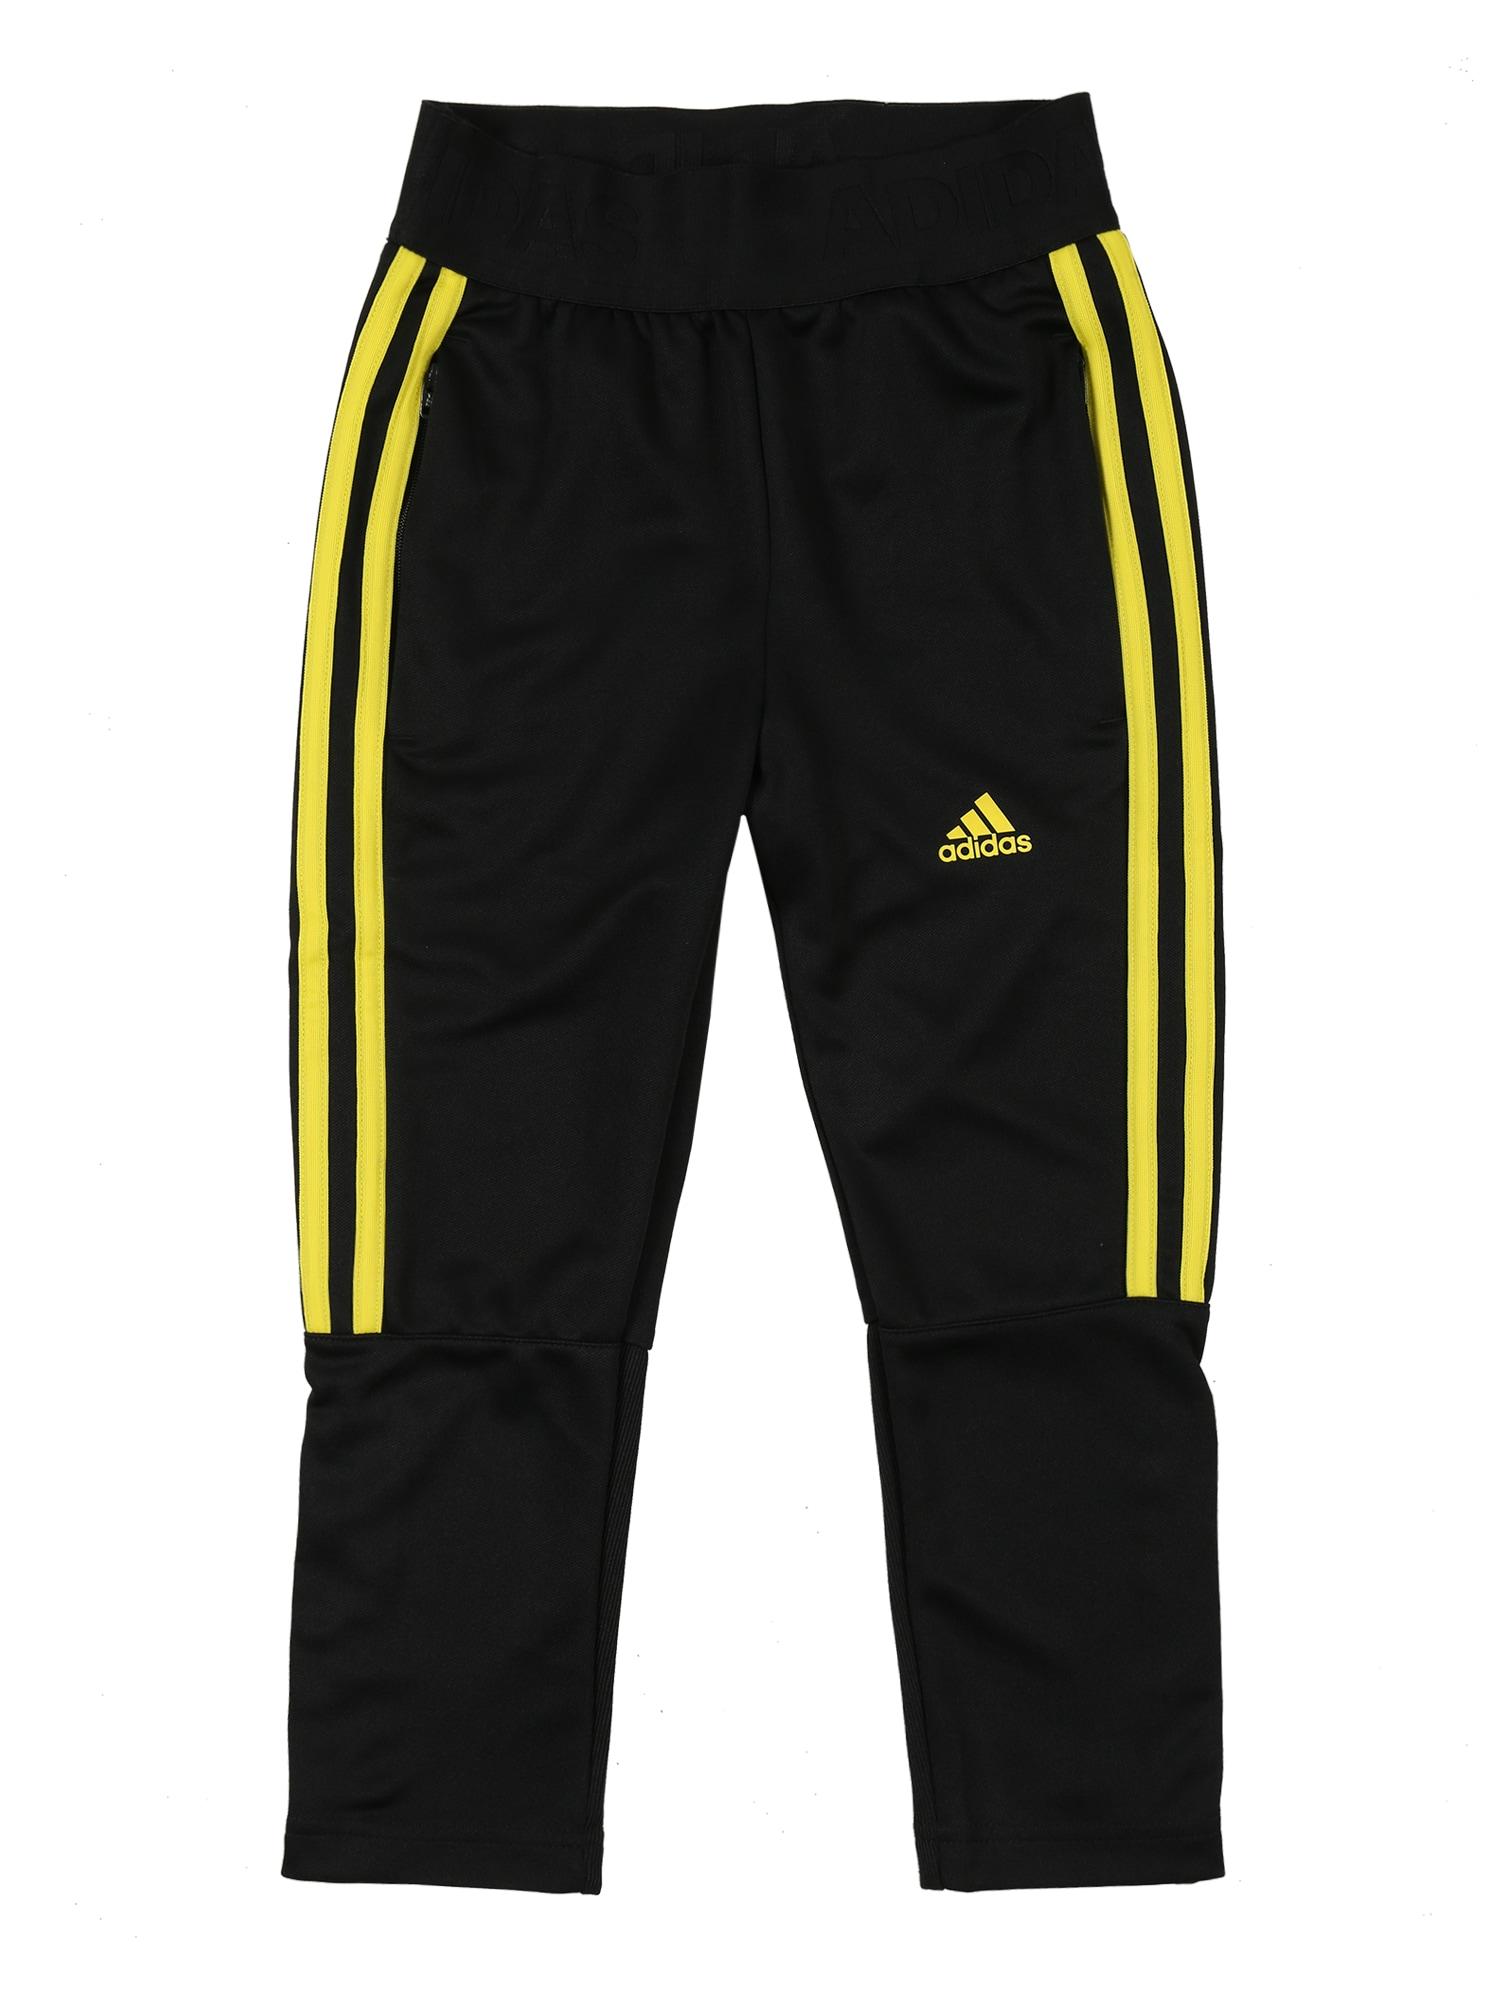 ADIDAS PERFORMANCE Sportinės kelnės 'TIRO' juoda / geltona